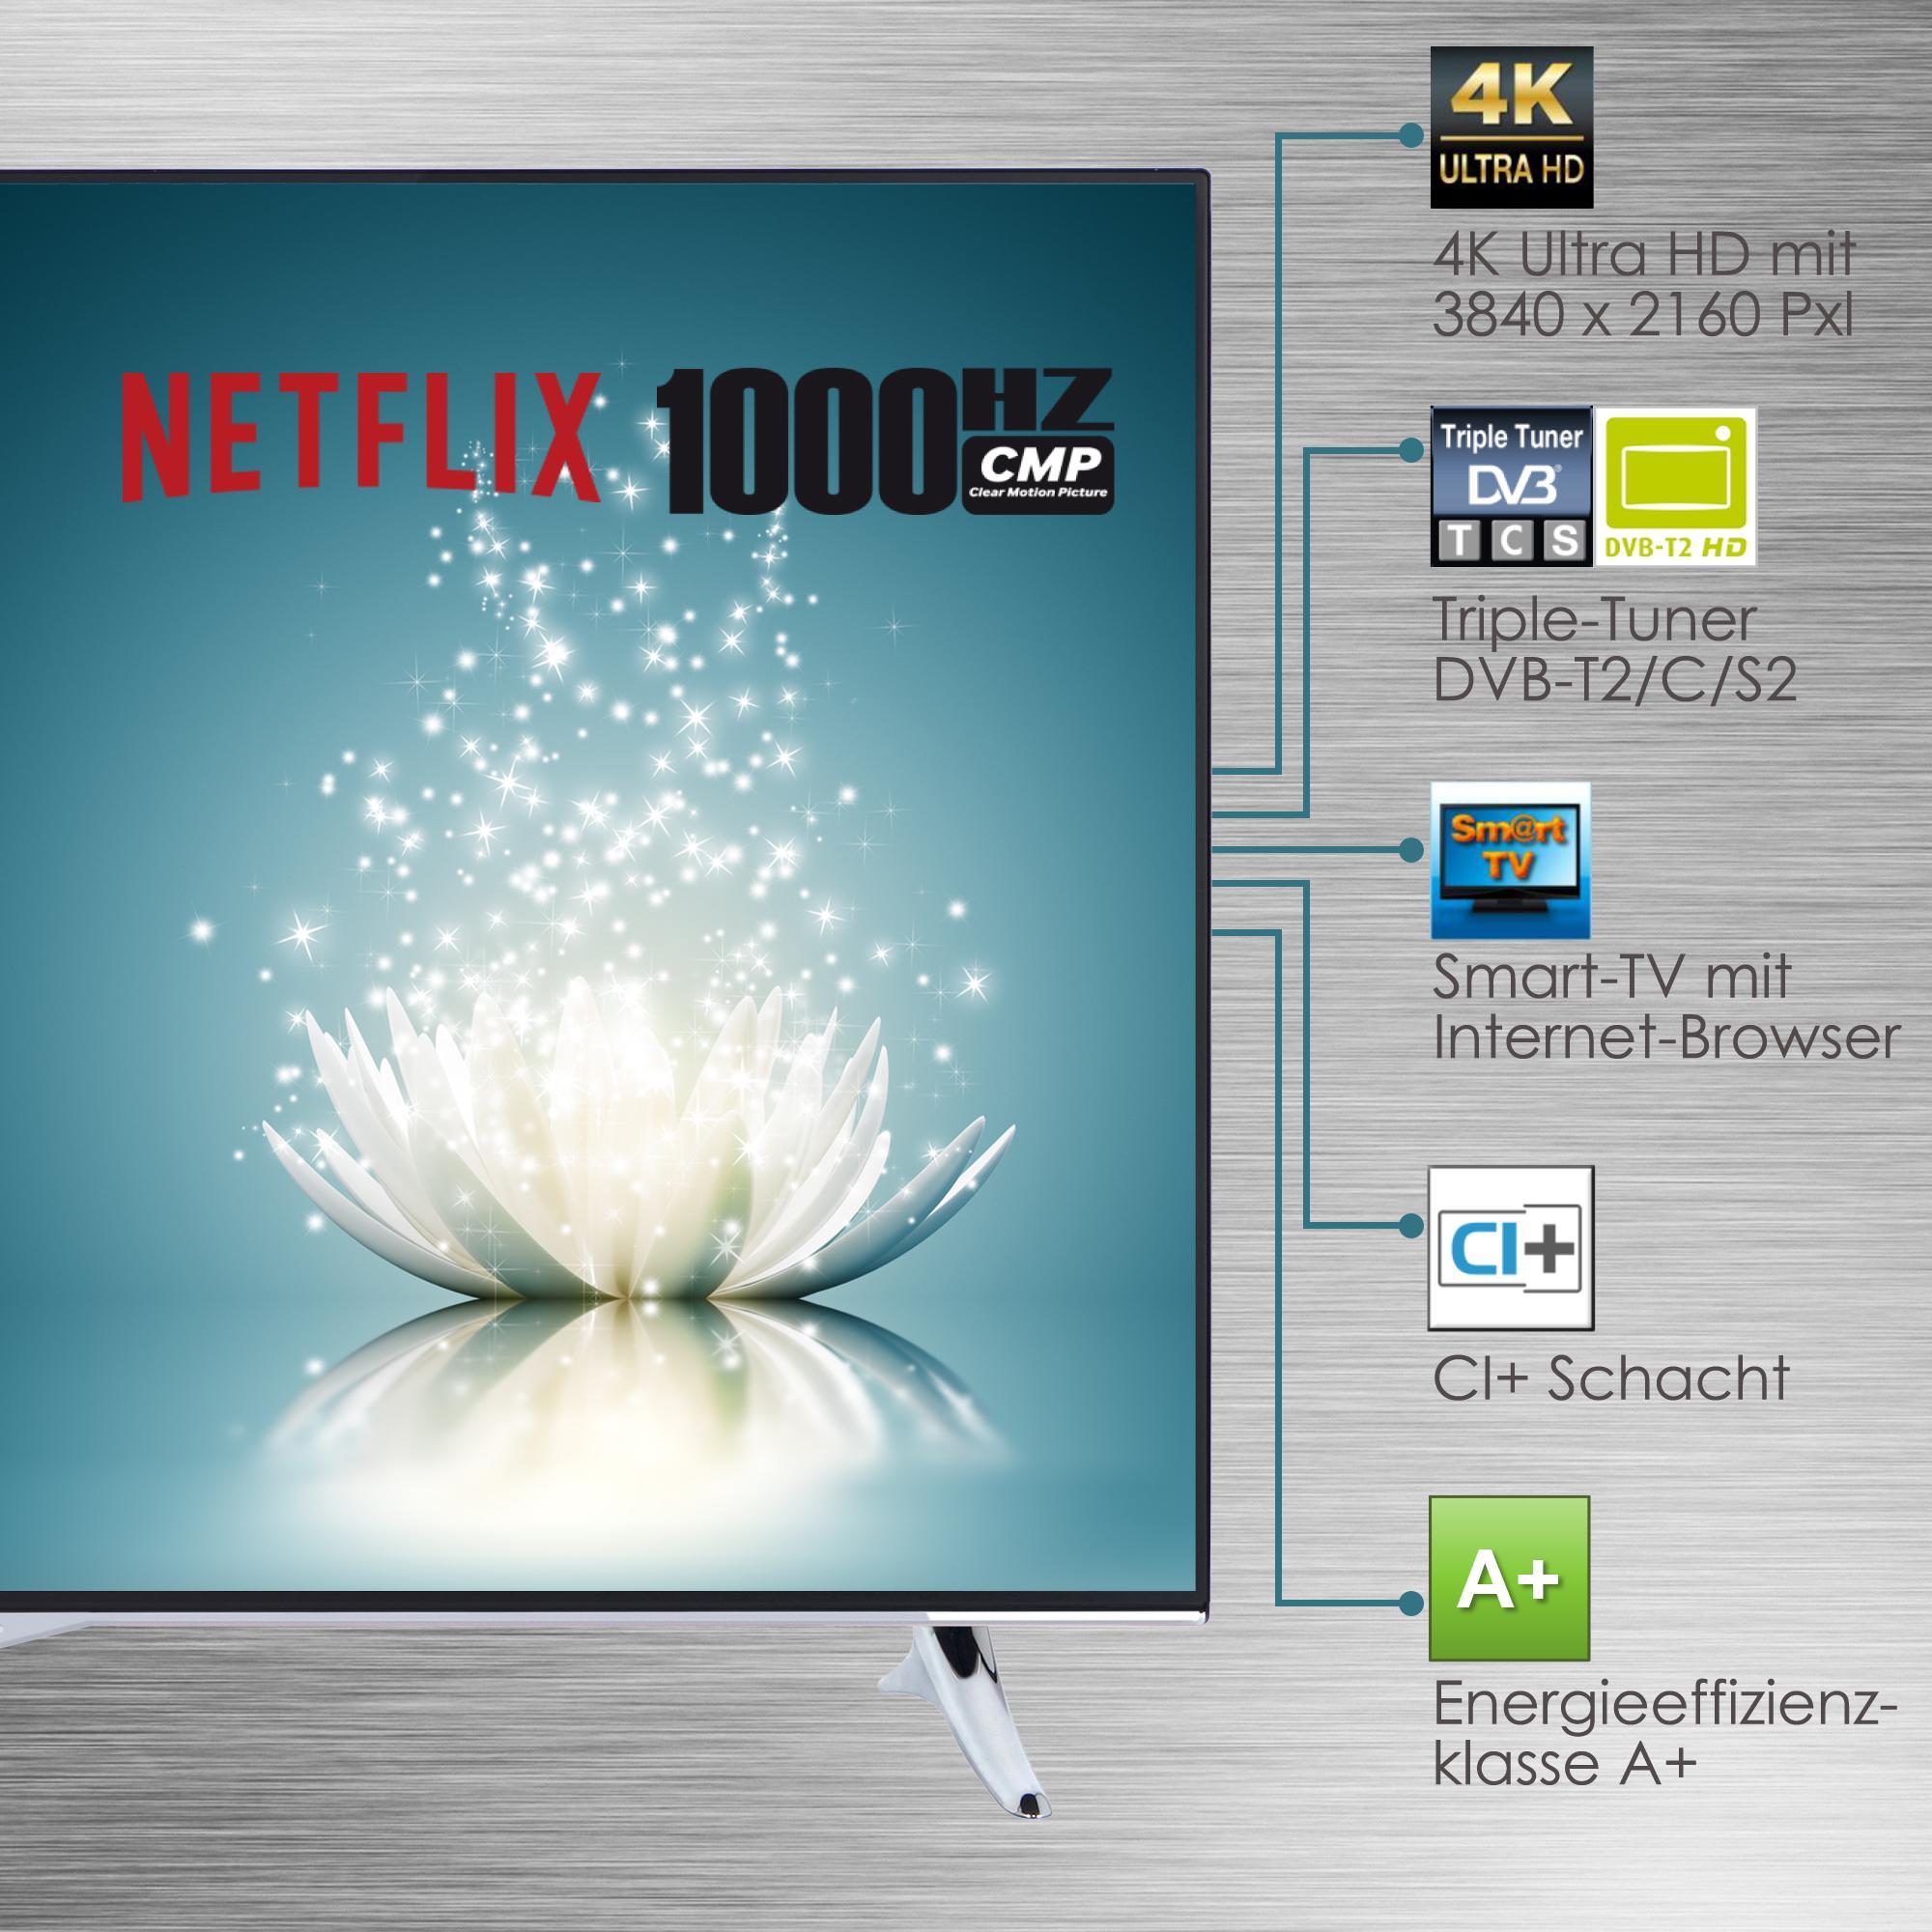 Telefunken XU55A401 140 cm (55 Zoll) Fernseher (4K Ultra